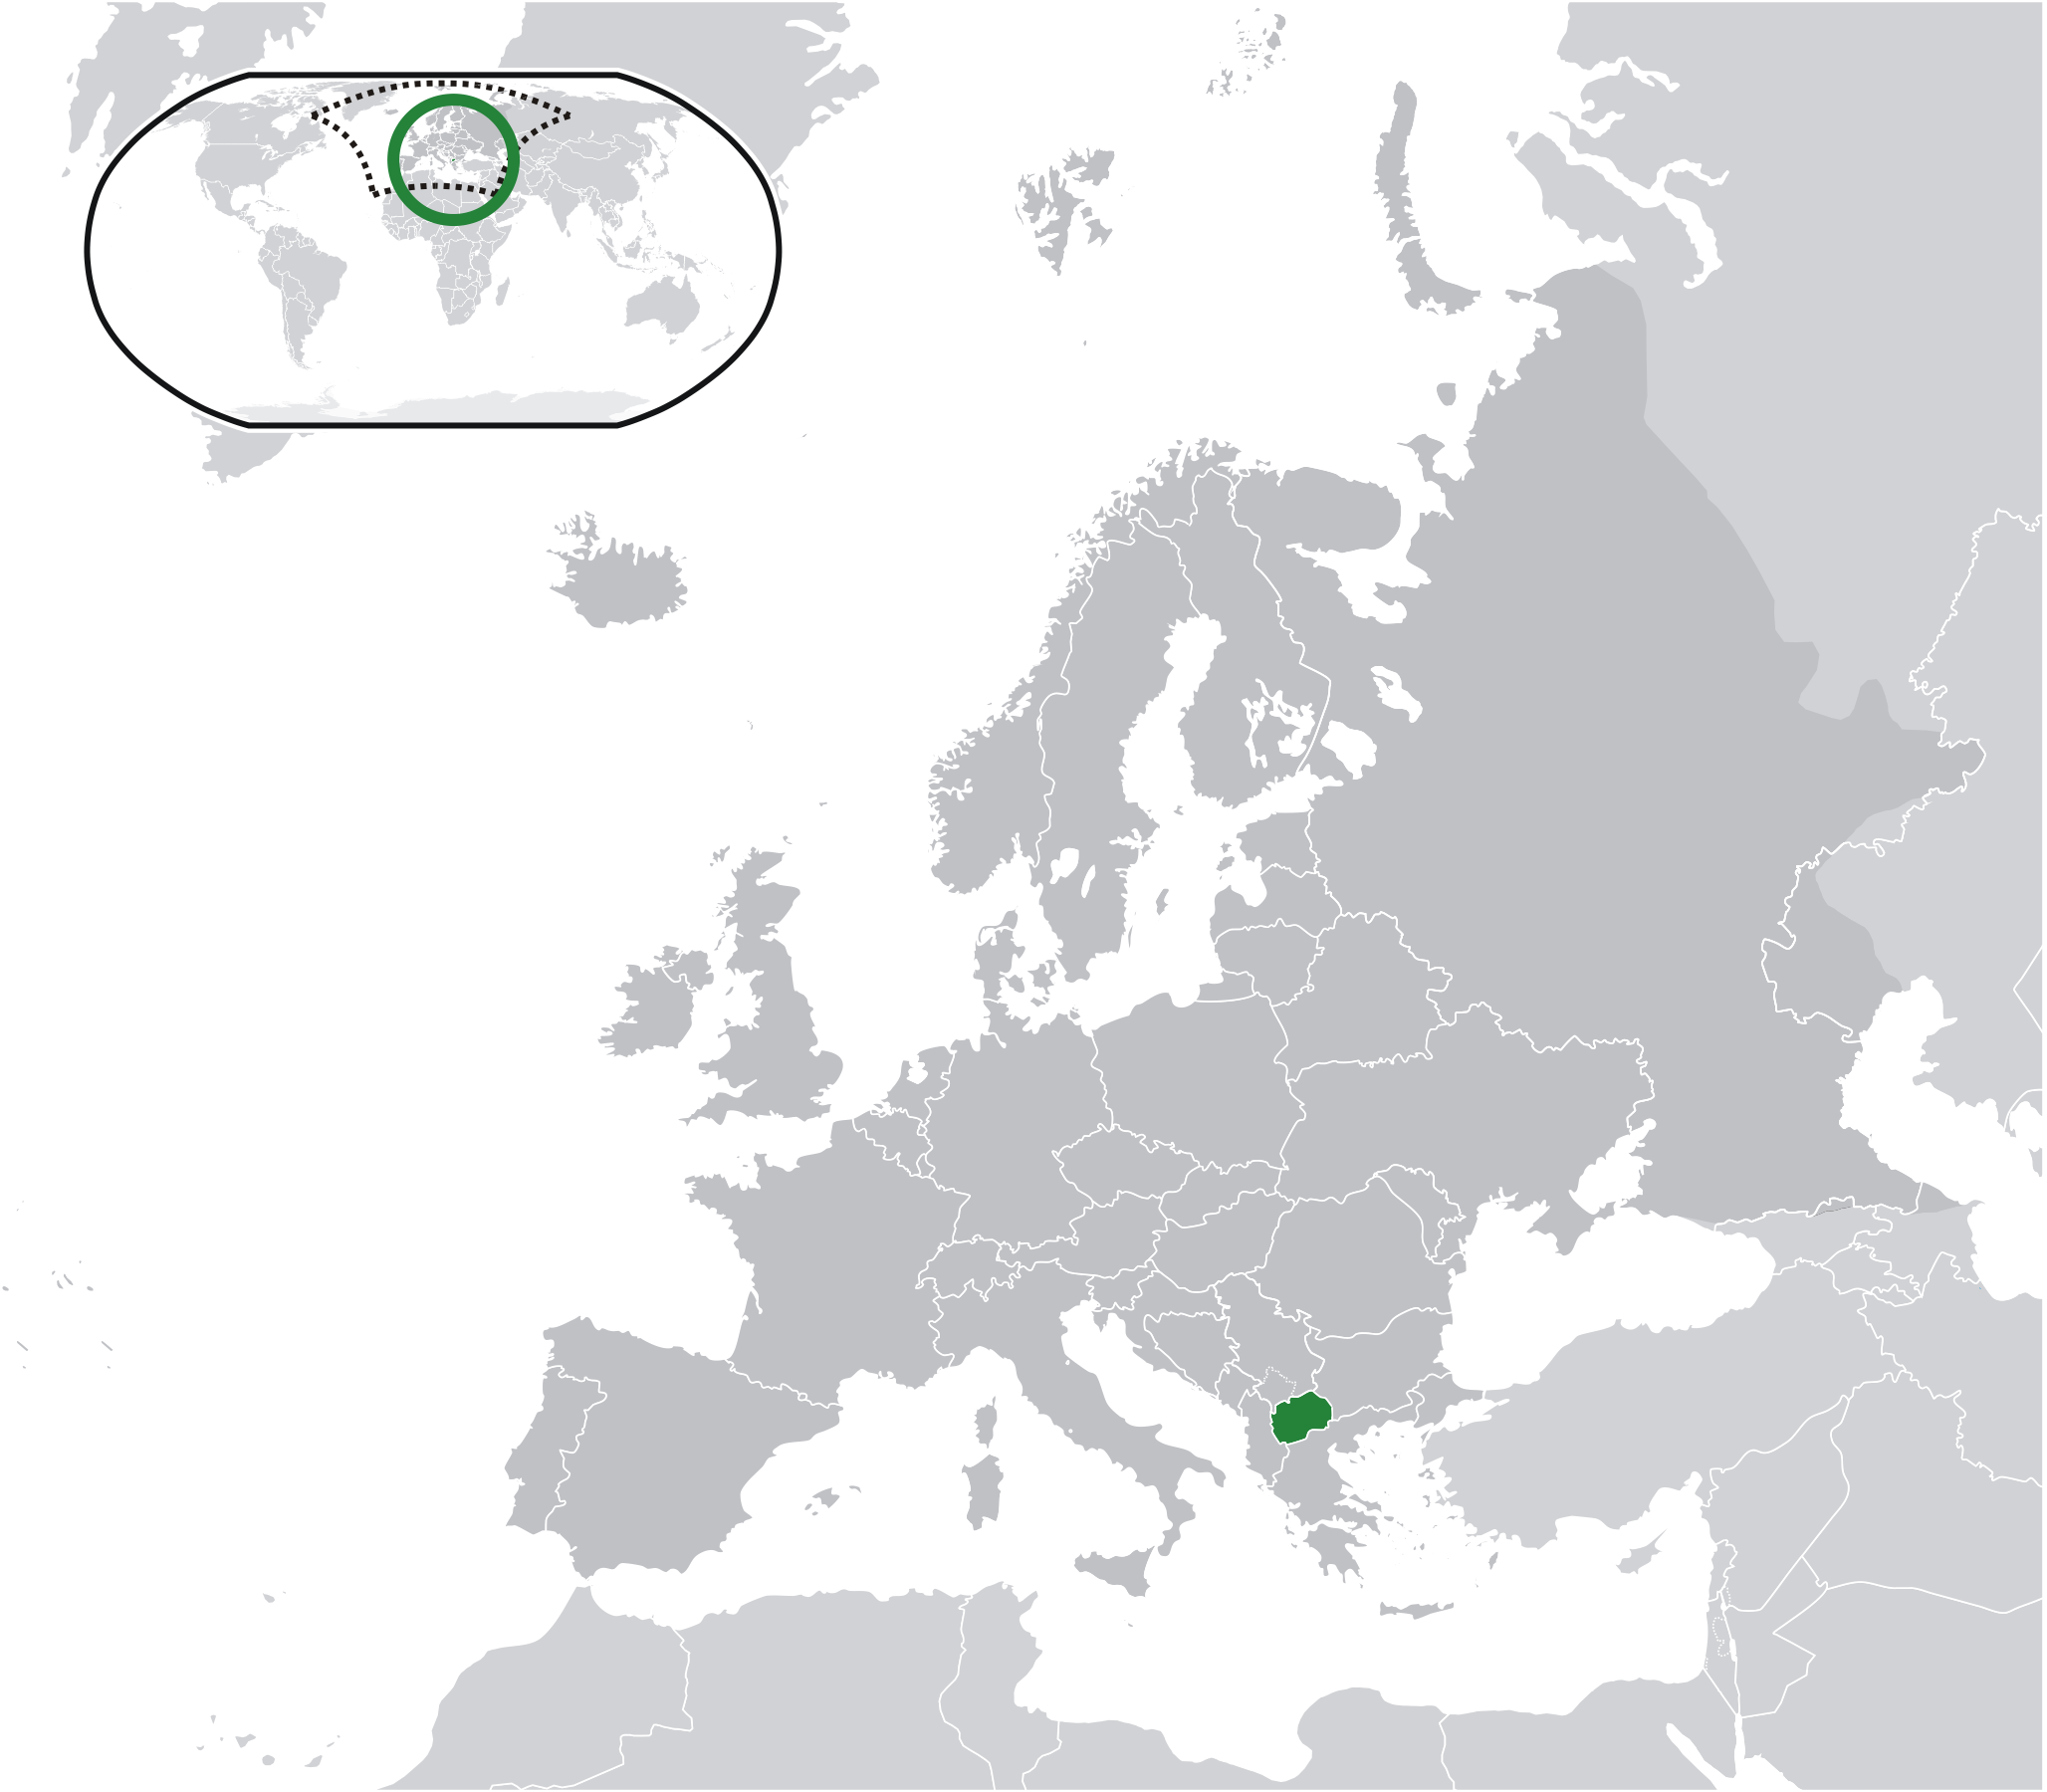 ficheiro location macedonia europe png wikipédia a enciclopédia livre